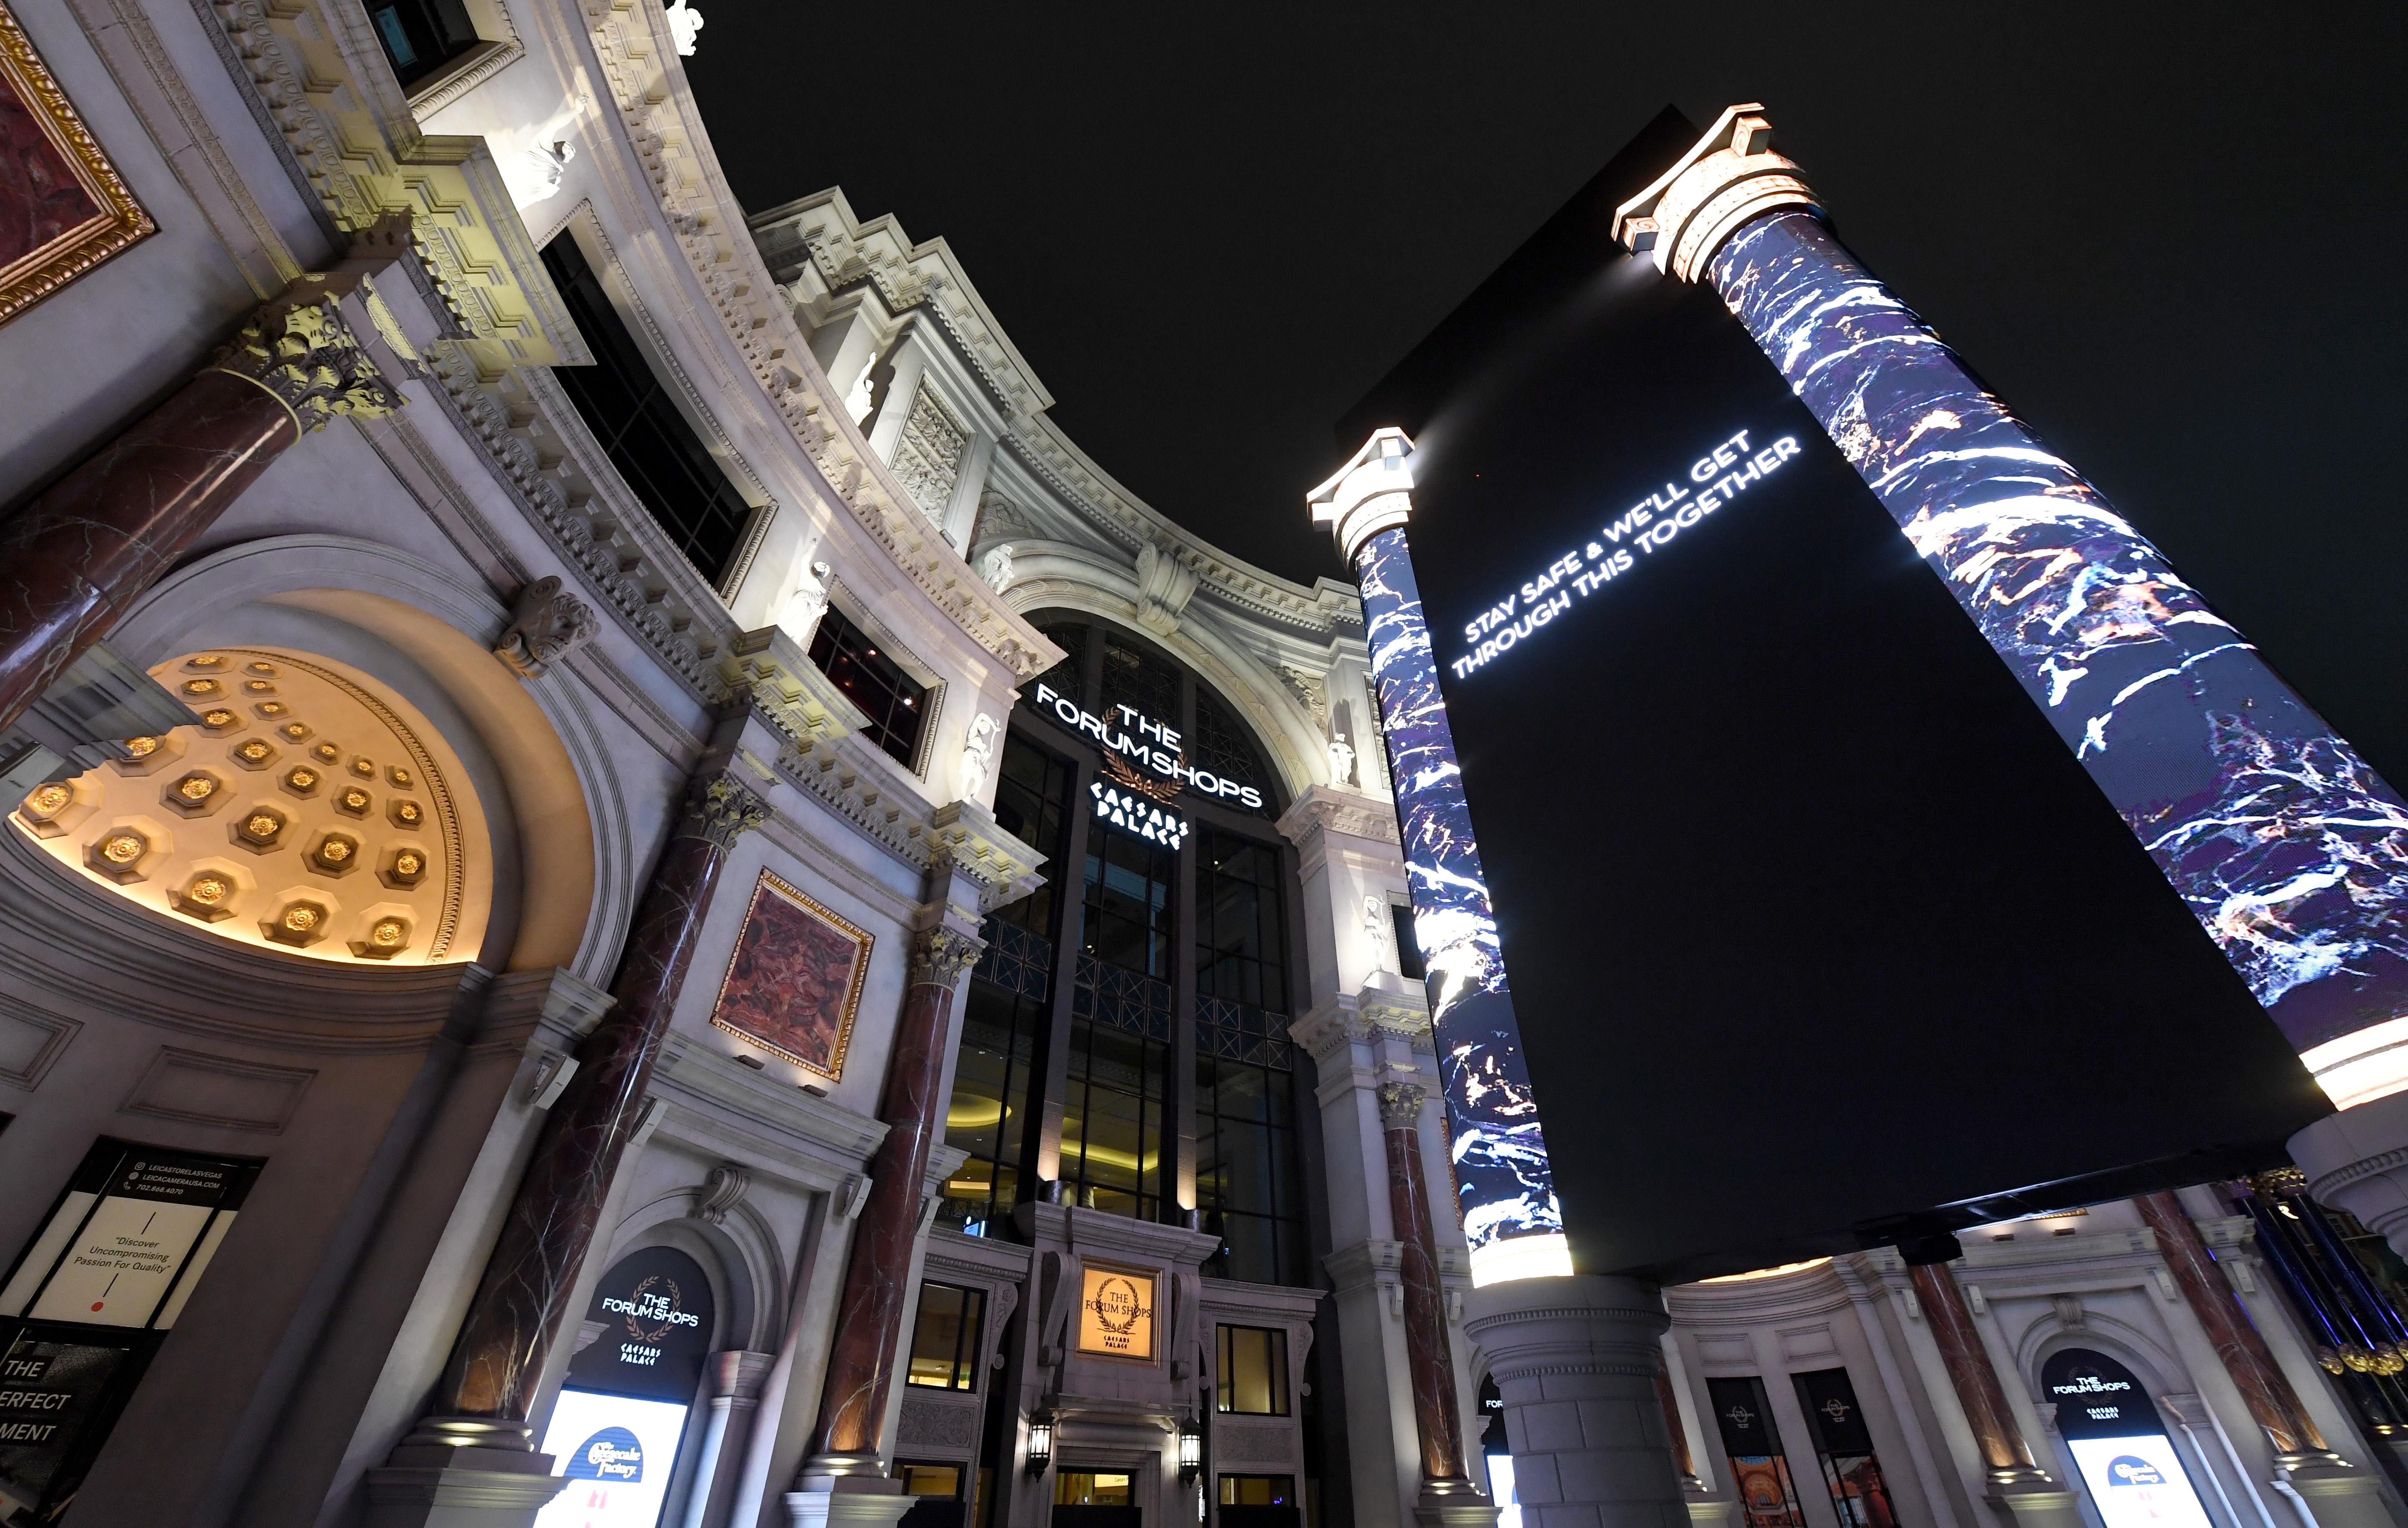 Las Vegas Casinos Close Their Doors In Response To Coronavirus Pandemic